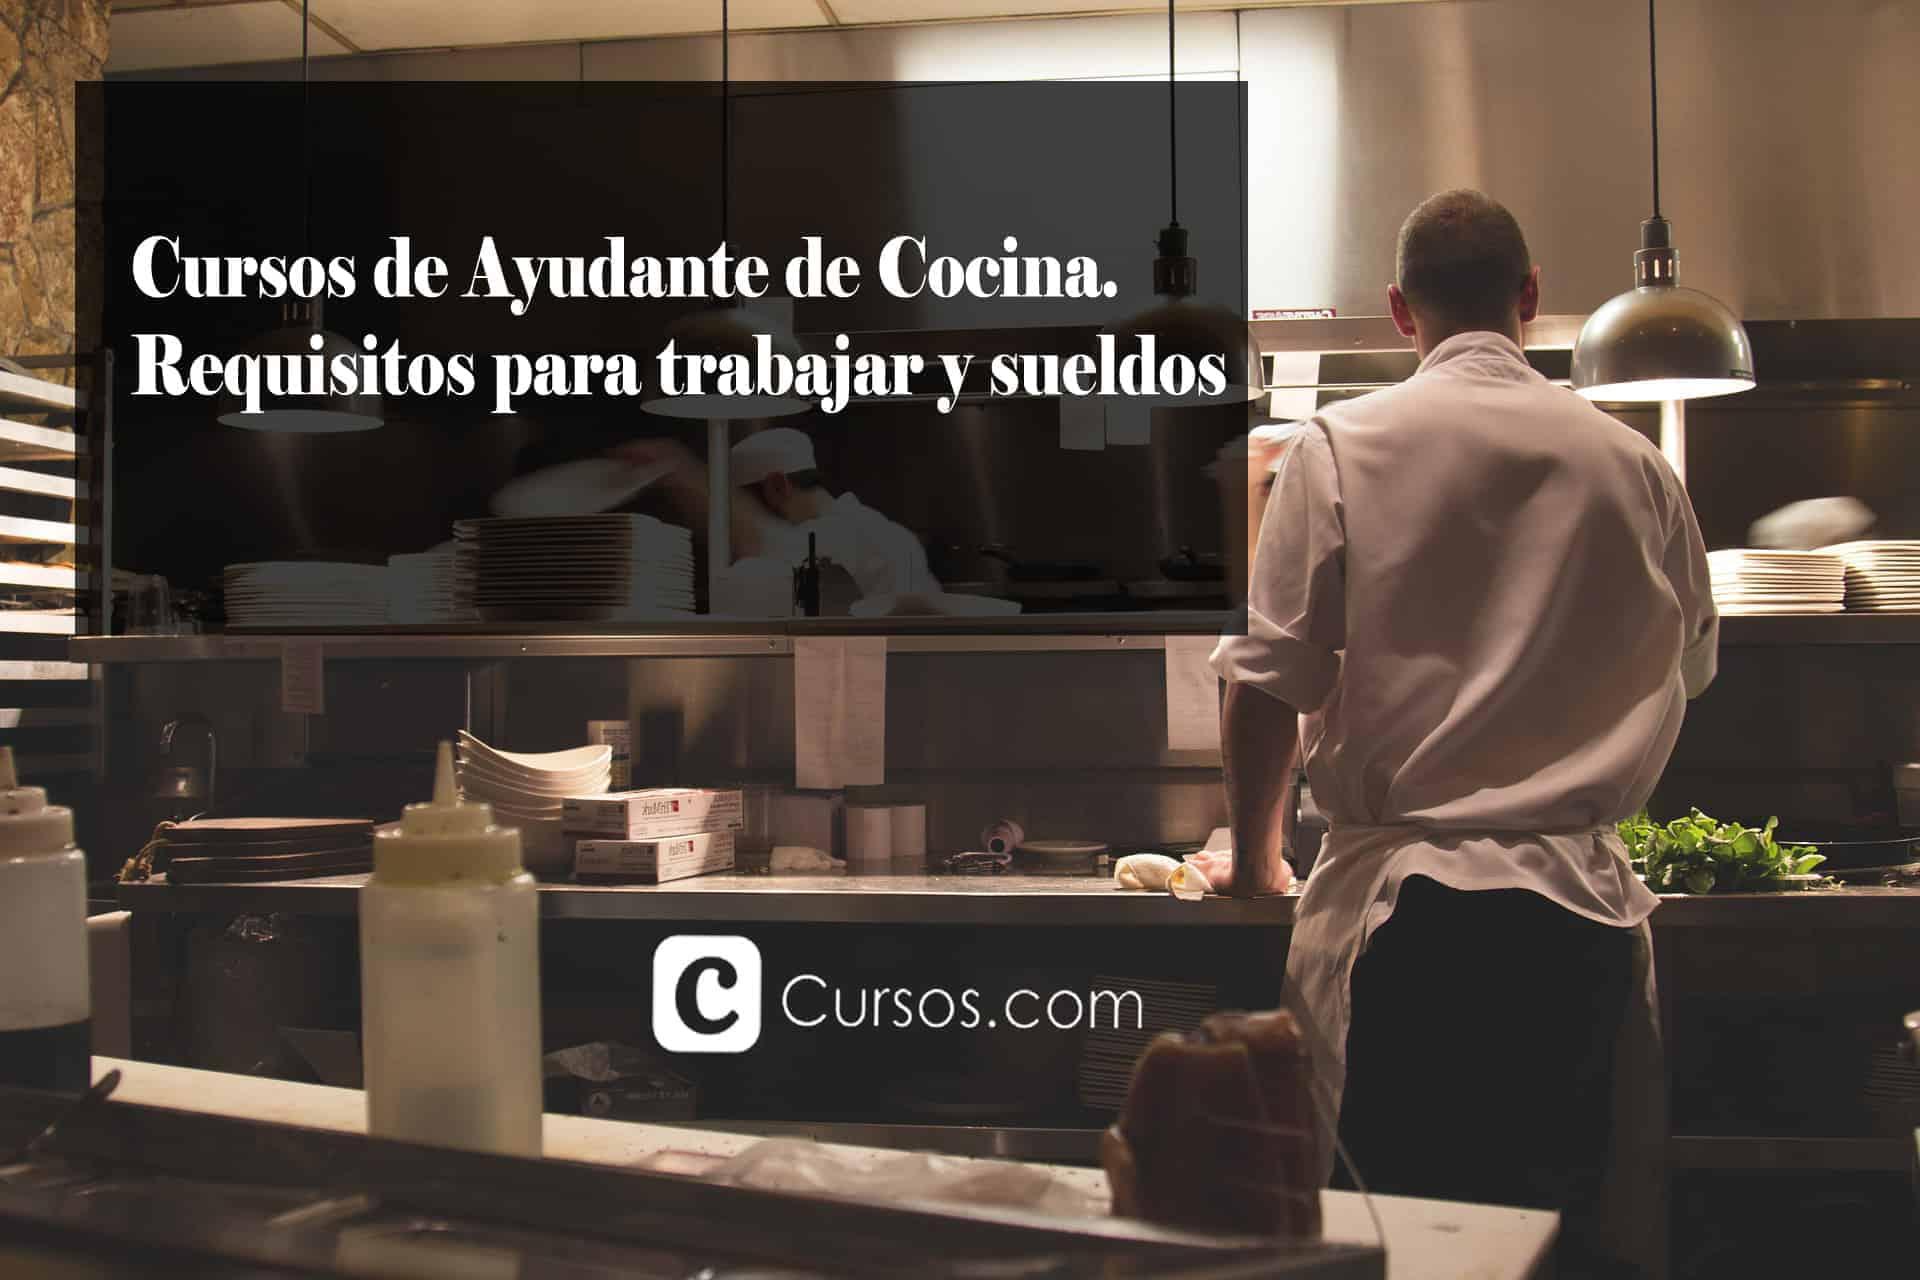 Cómo ser ayudante de Cocina. Requisitos para trabajar y sueldos